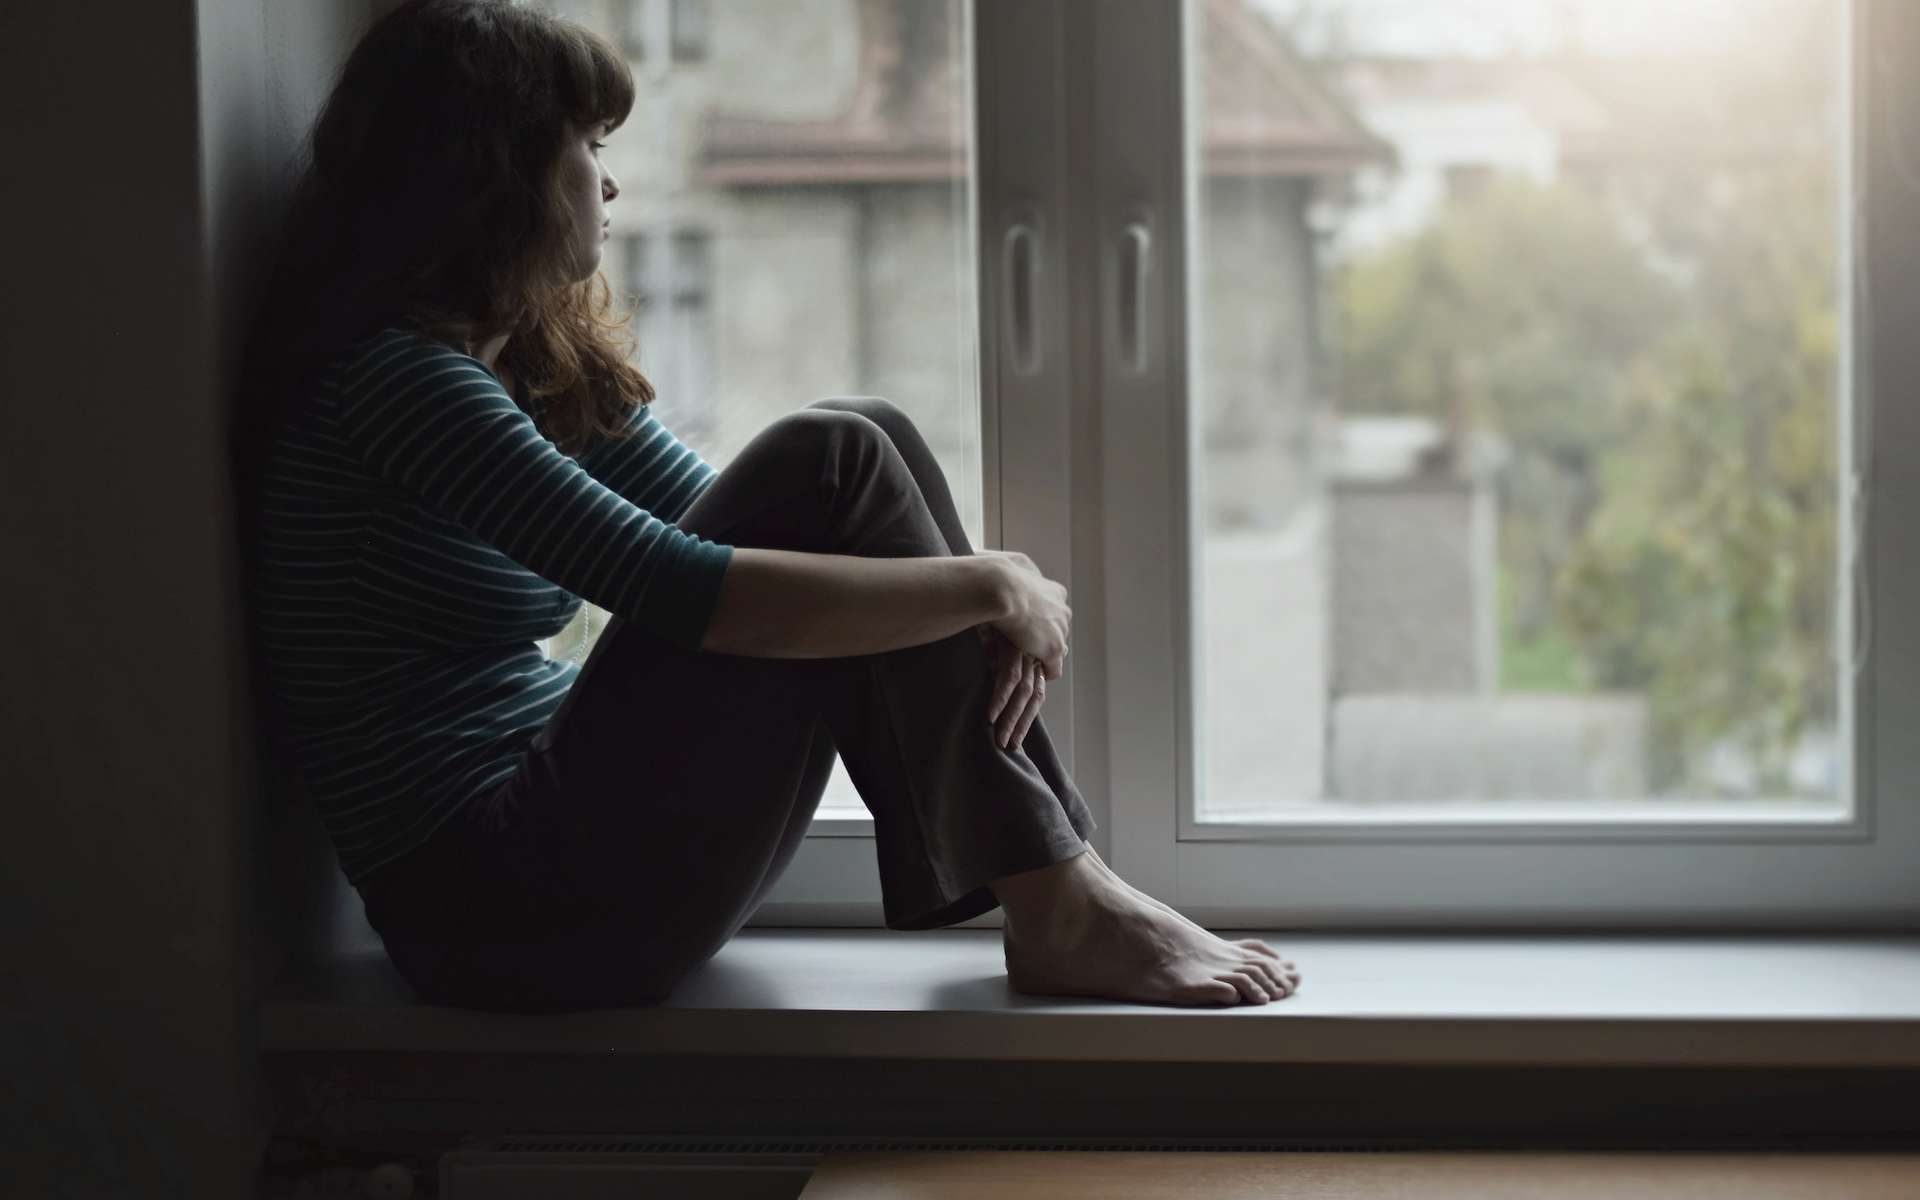 Des patients qui ont souffert d'une forme bénigne de Covid-19 sont restés contagieux jusqu'à huit jours après la disparition des symptômes. © dottedyeti, Adobe Stock